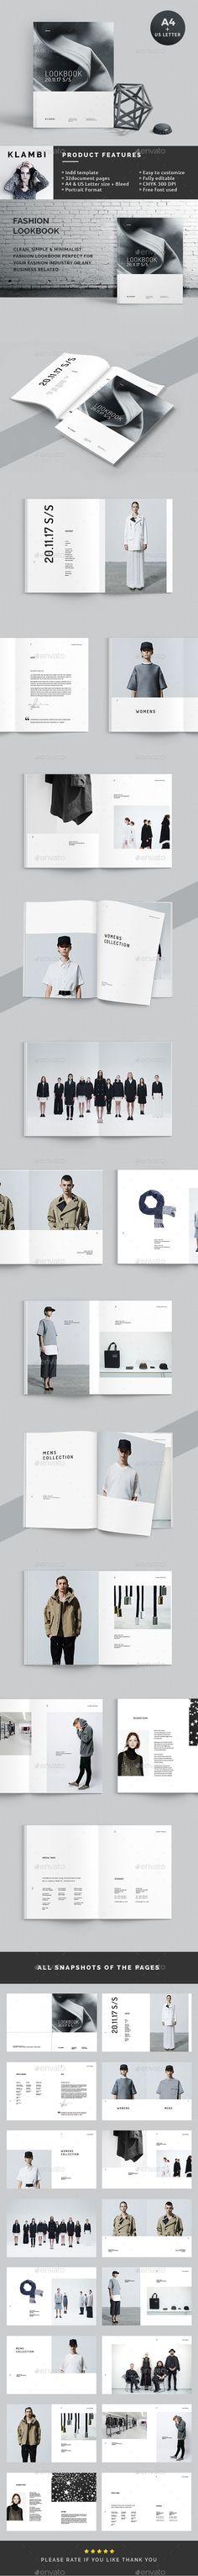 Lookbook - Catalogs Brochures   Download : https://graphicriver.net/item/lookbook/19287292?ref=sinzo